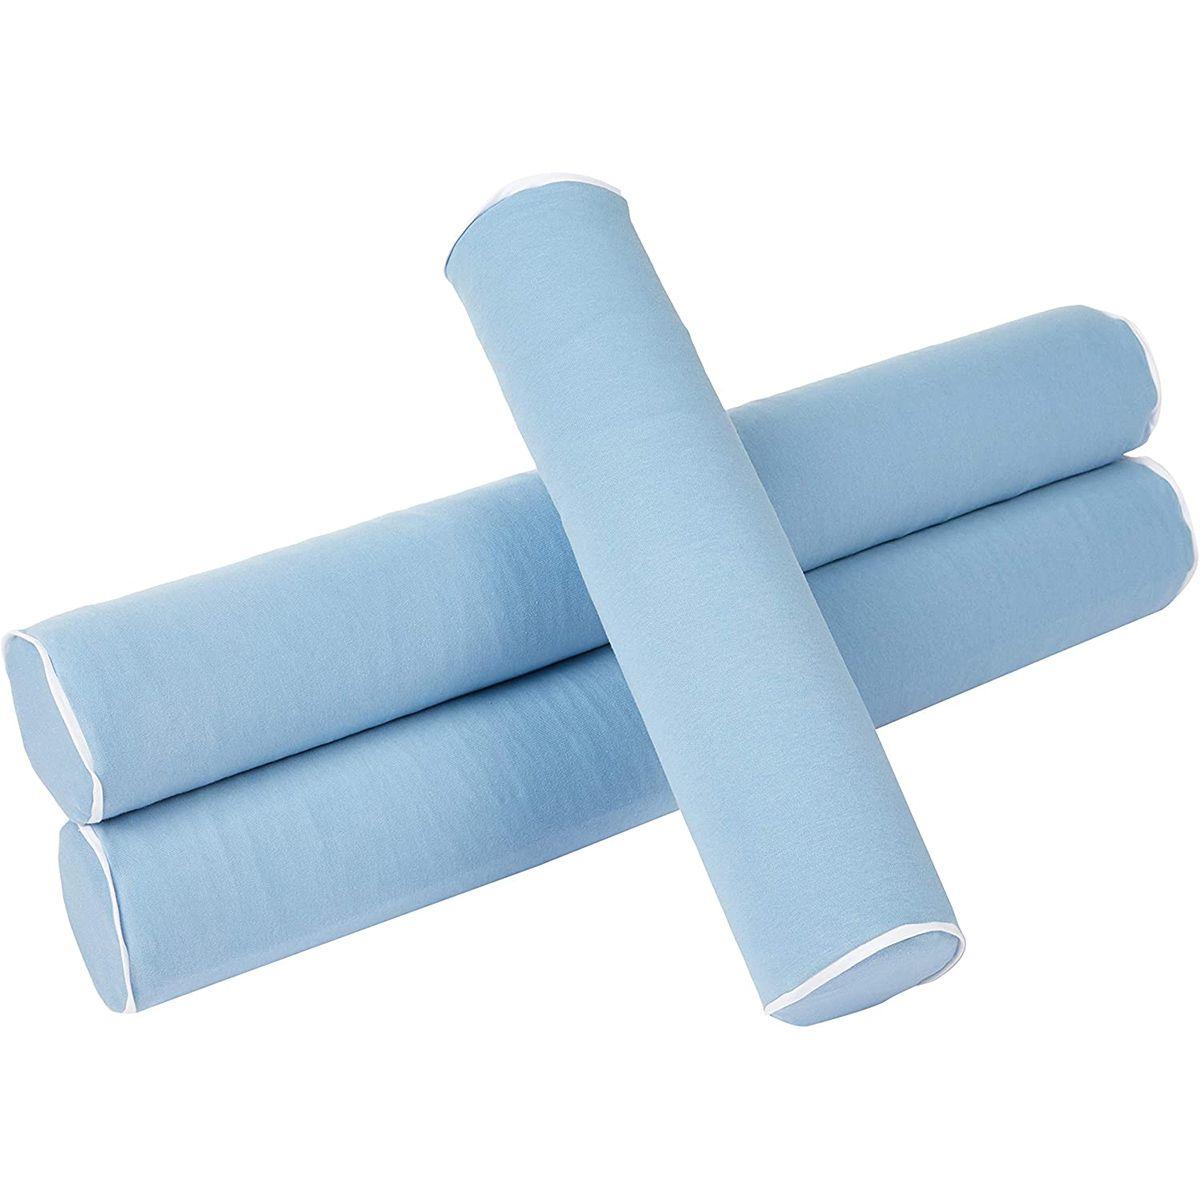 Kit Berço Hug Slim Azul